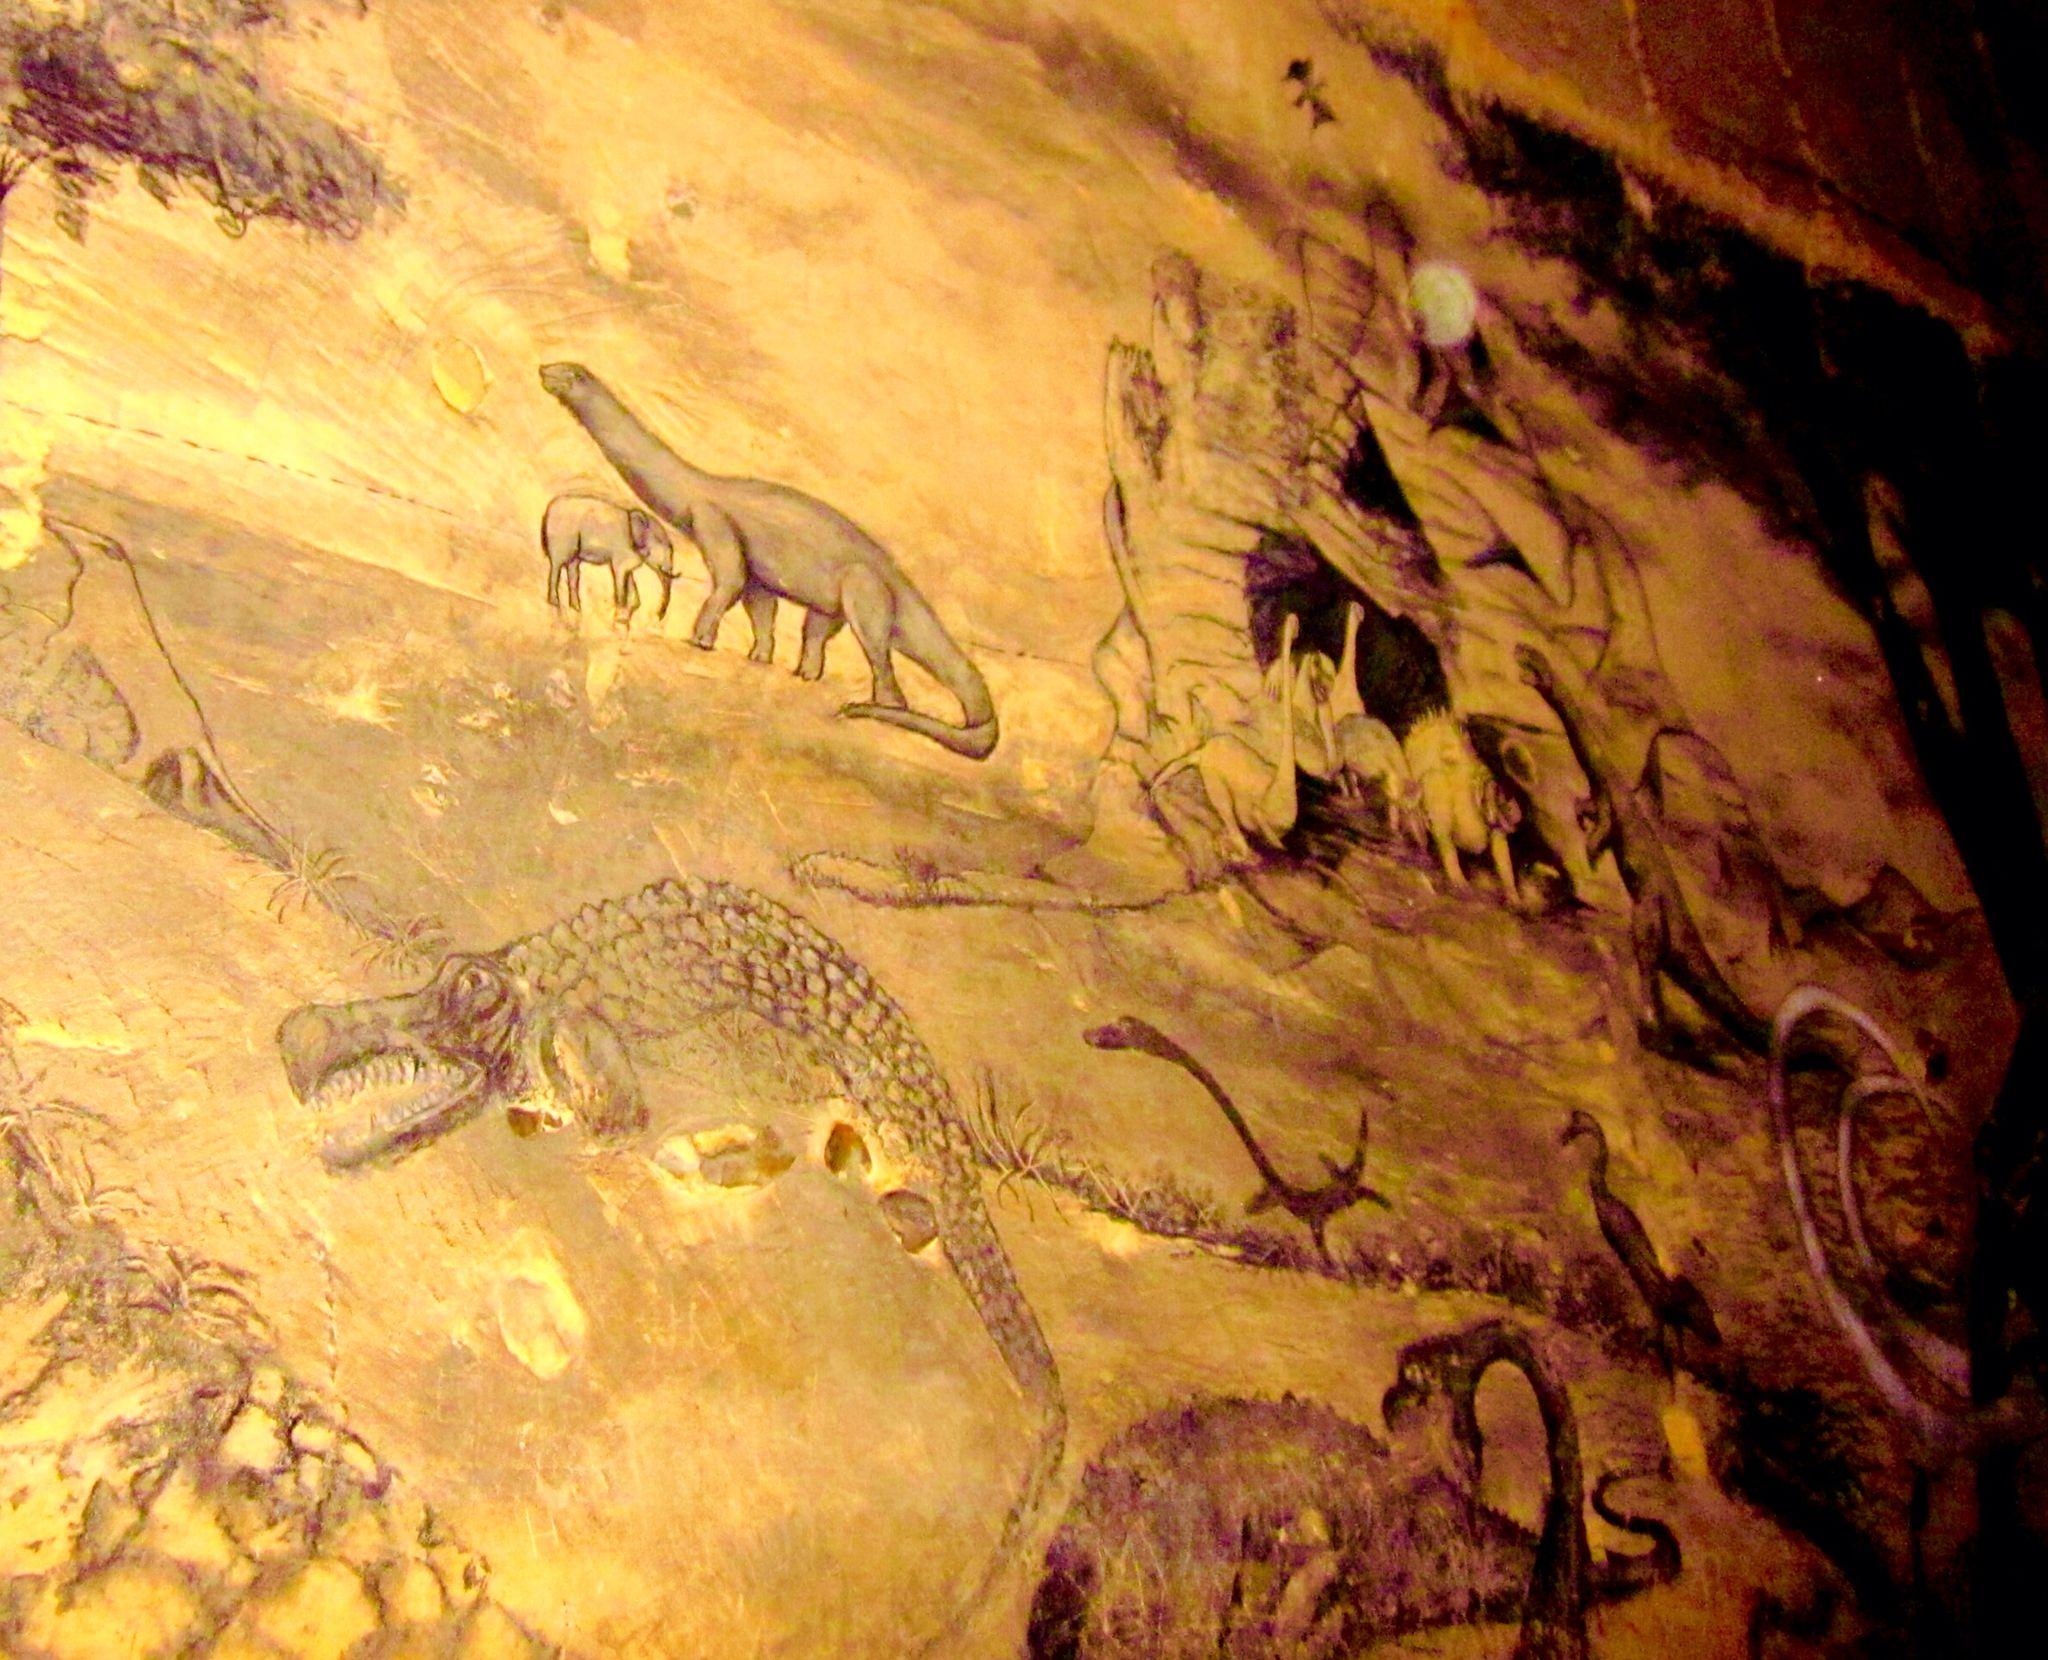 Caveman And Dinosaurs : Ancient cave drawing dinosaurs drawings